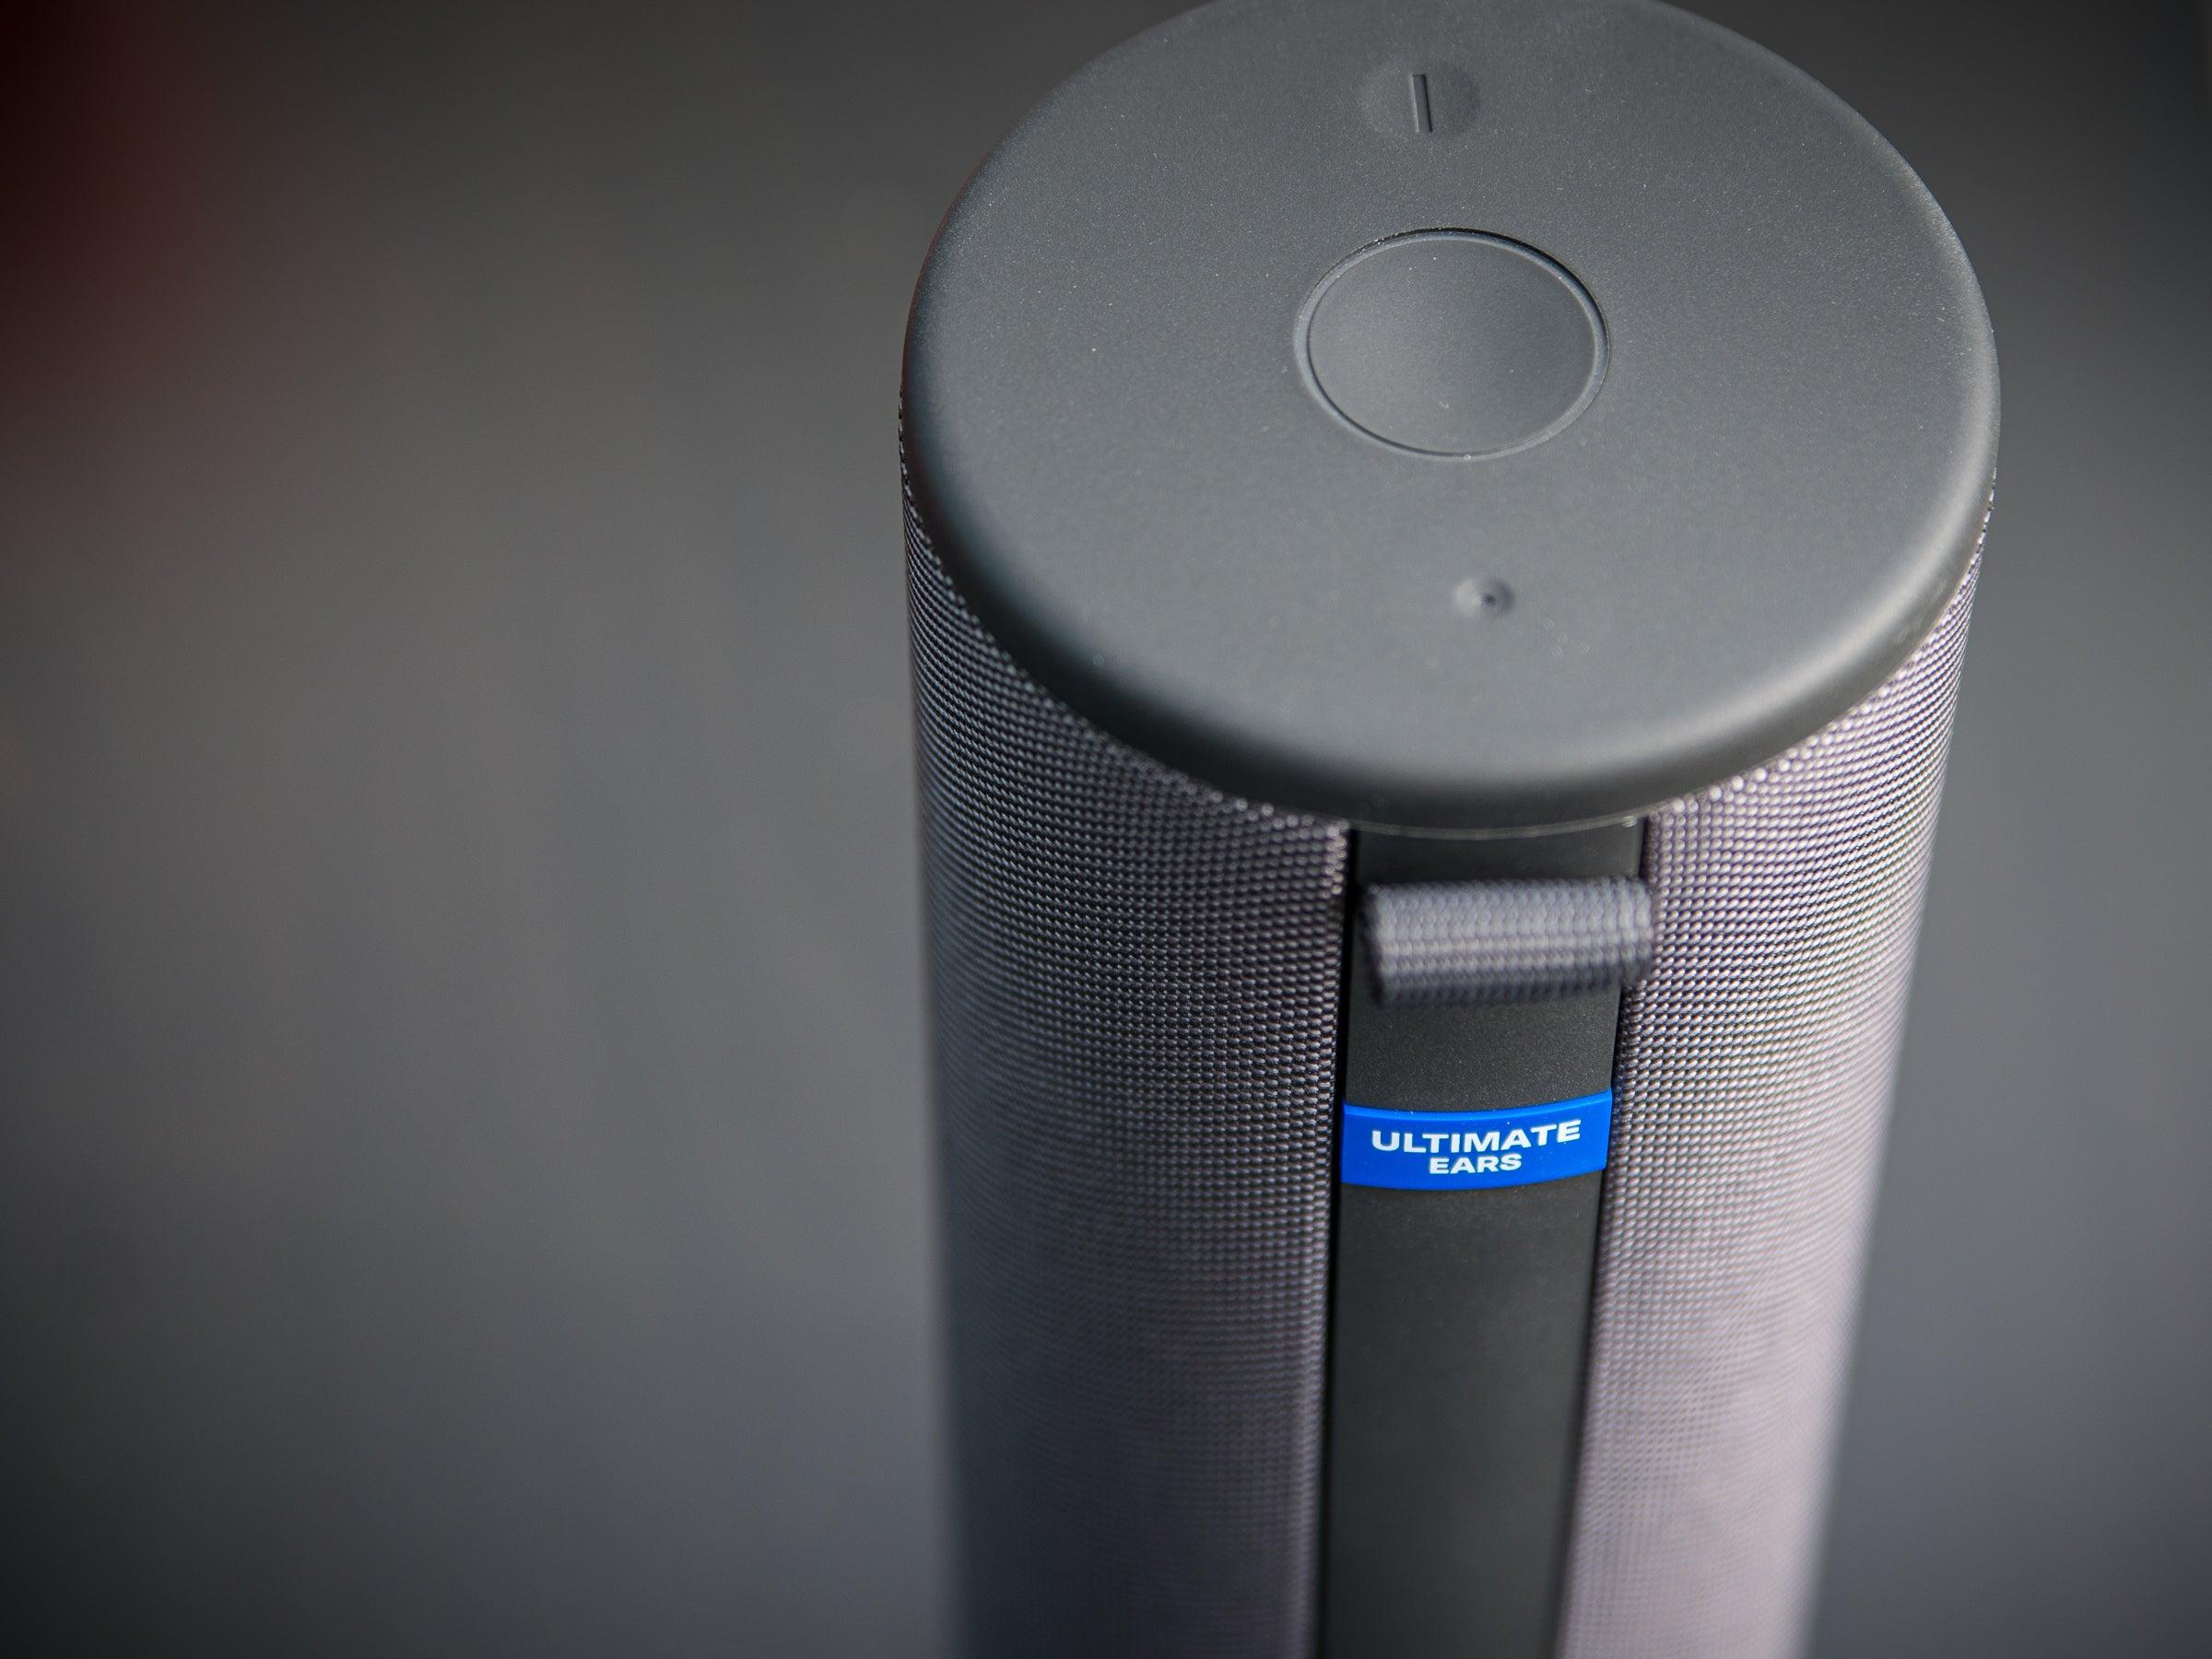 Die Bedienung des UE Megaboom 3 ist einfach, der Lautsprecher wasserdicht